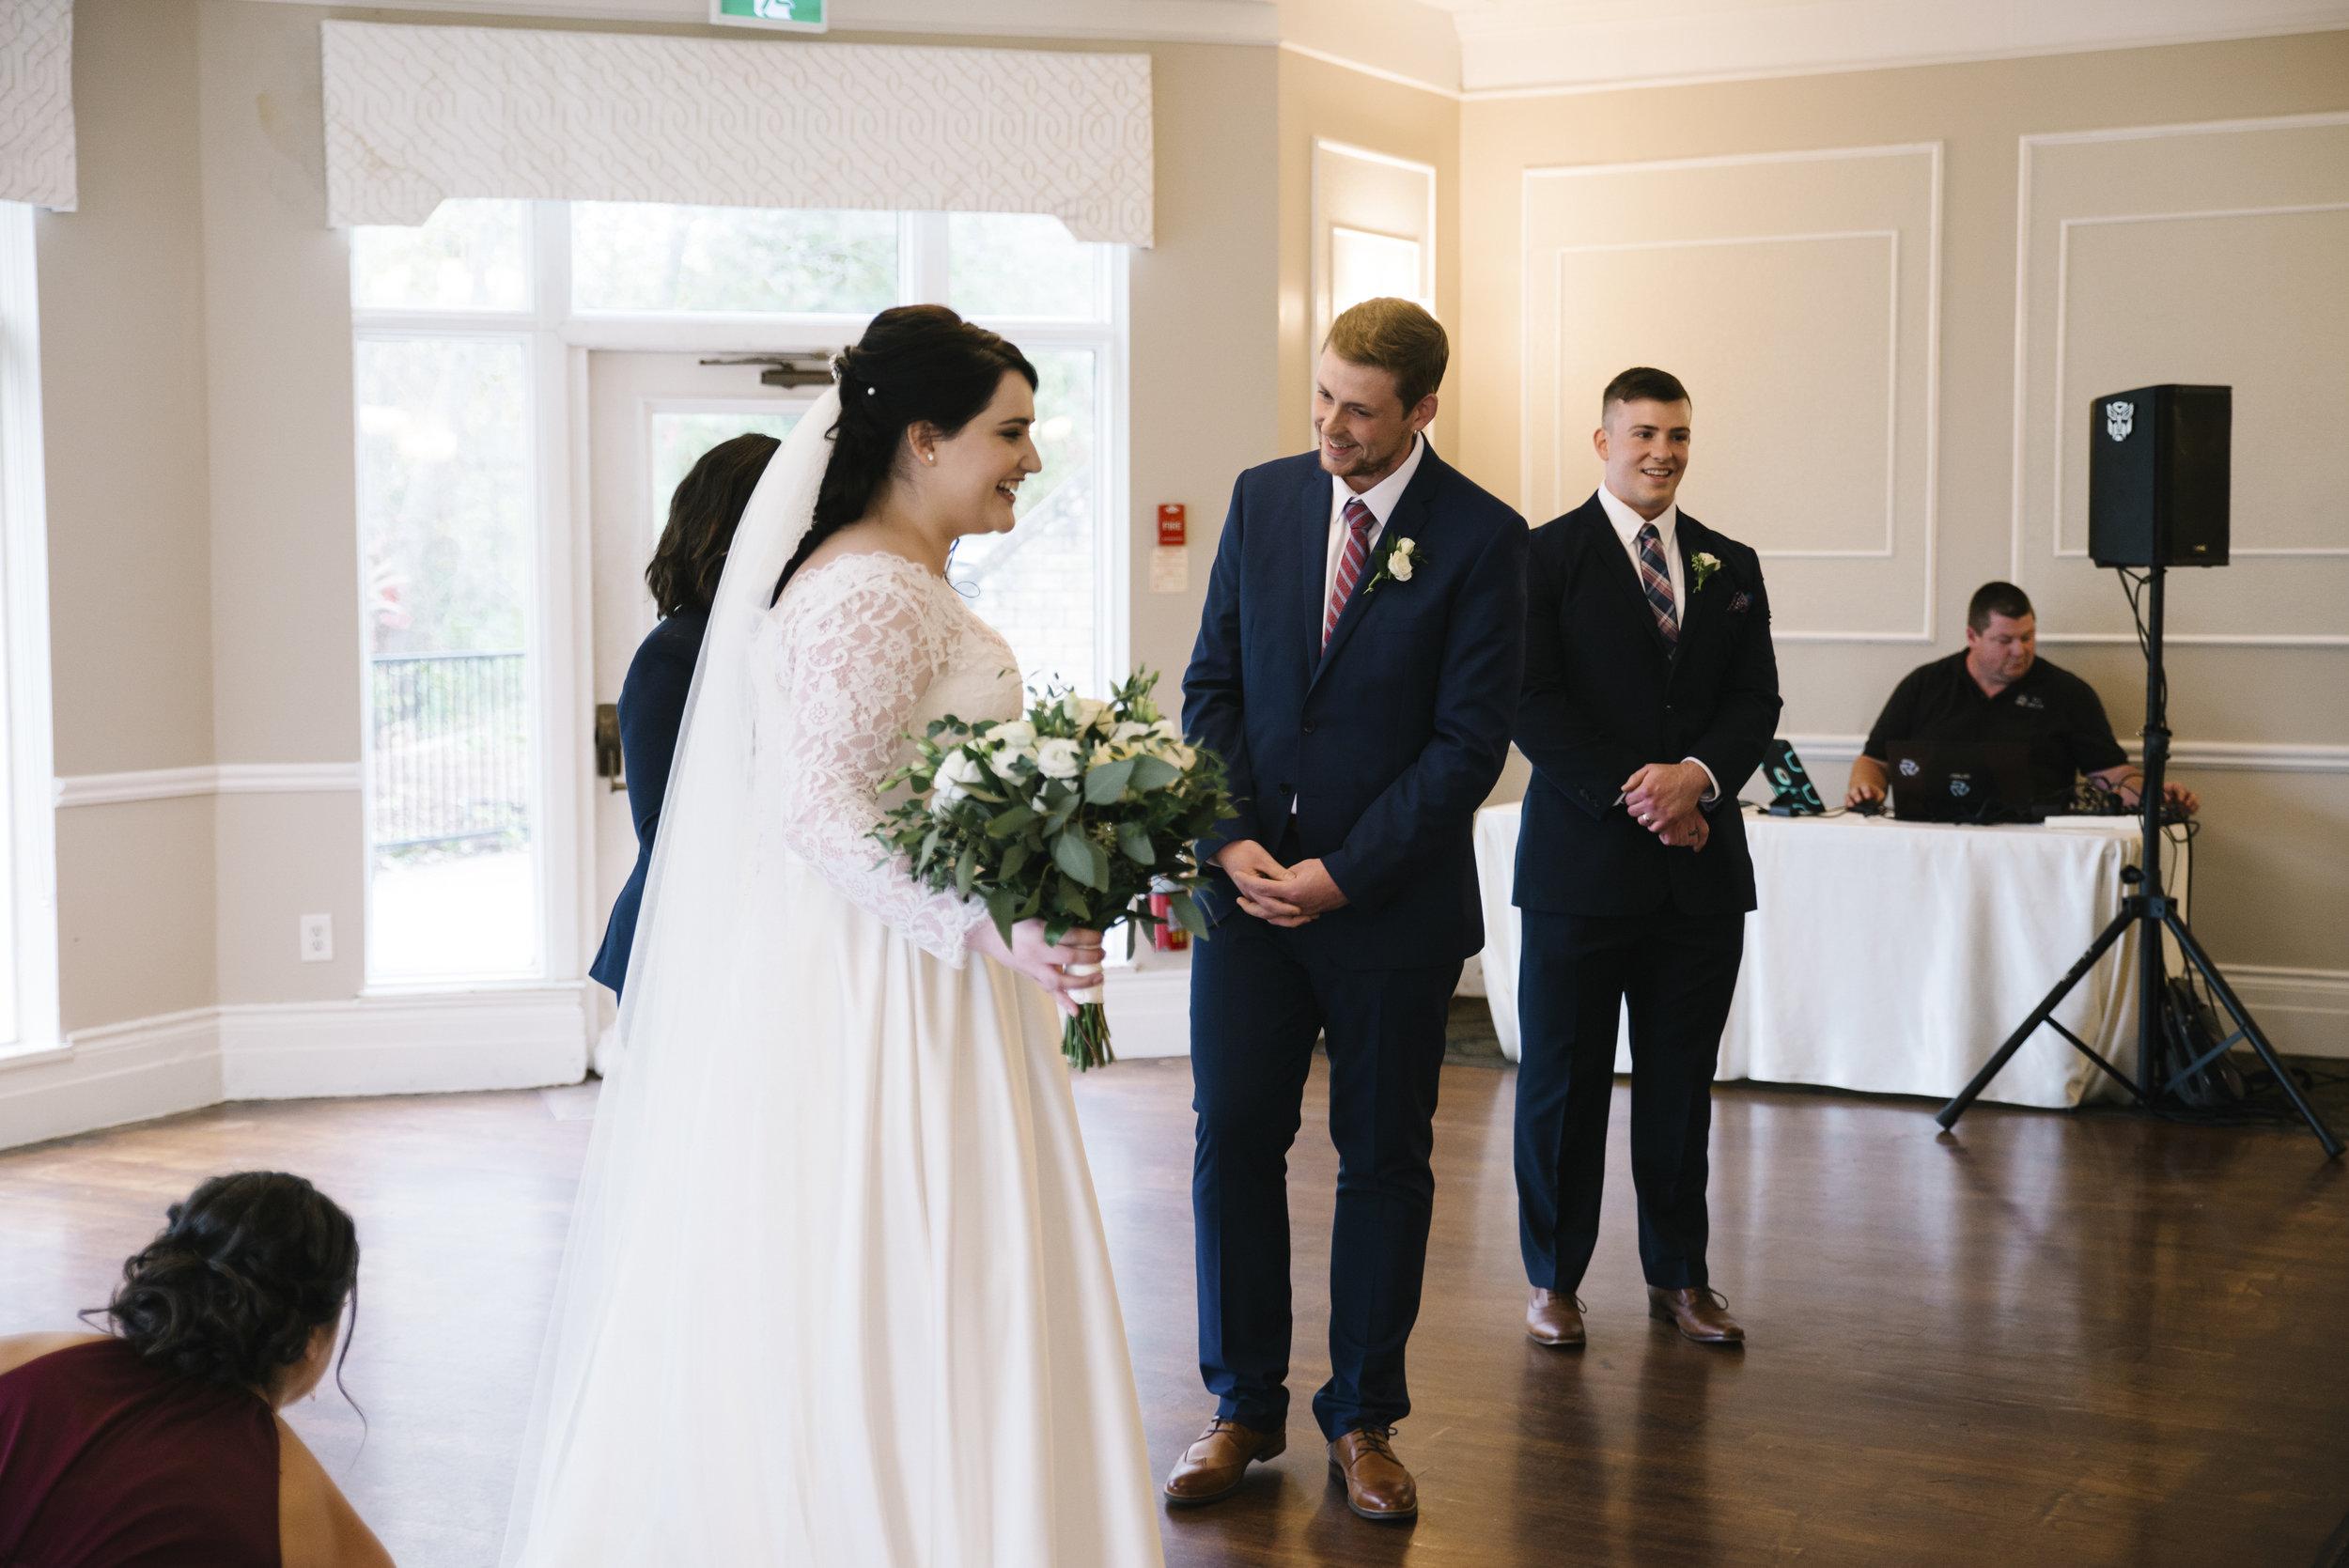 MariaMatt-Wedding-48.JPG